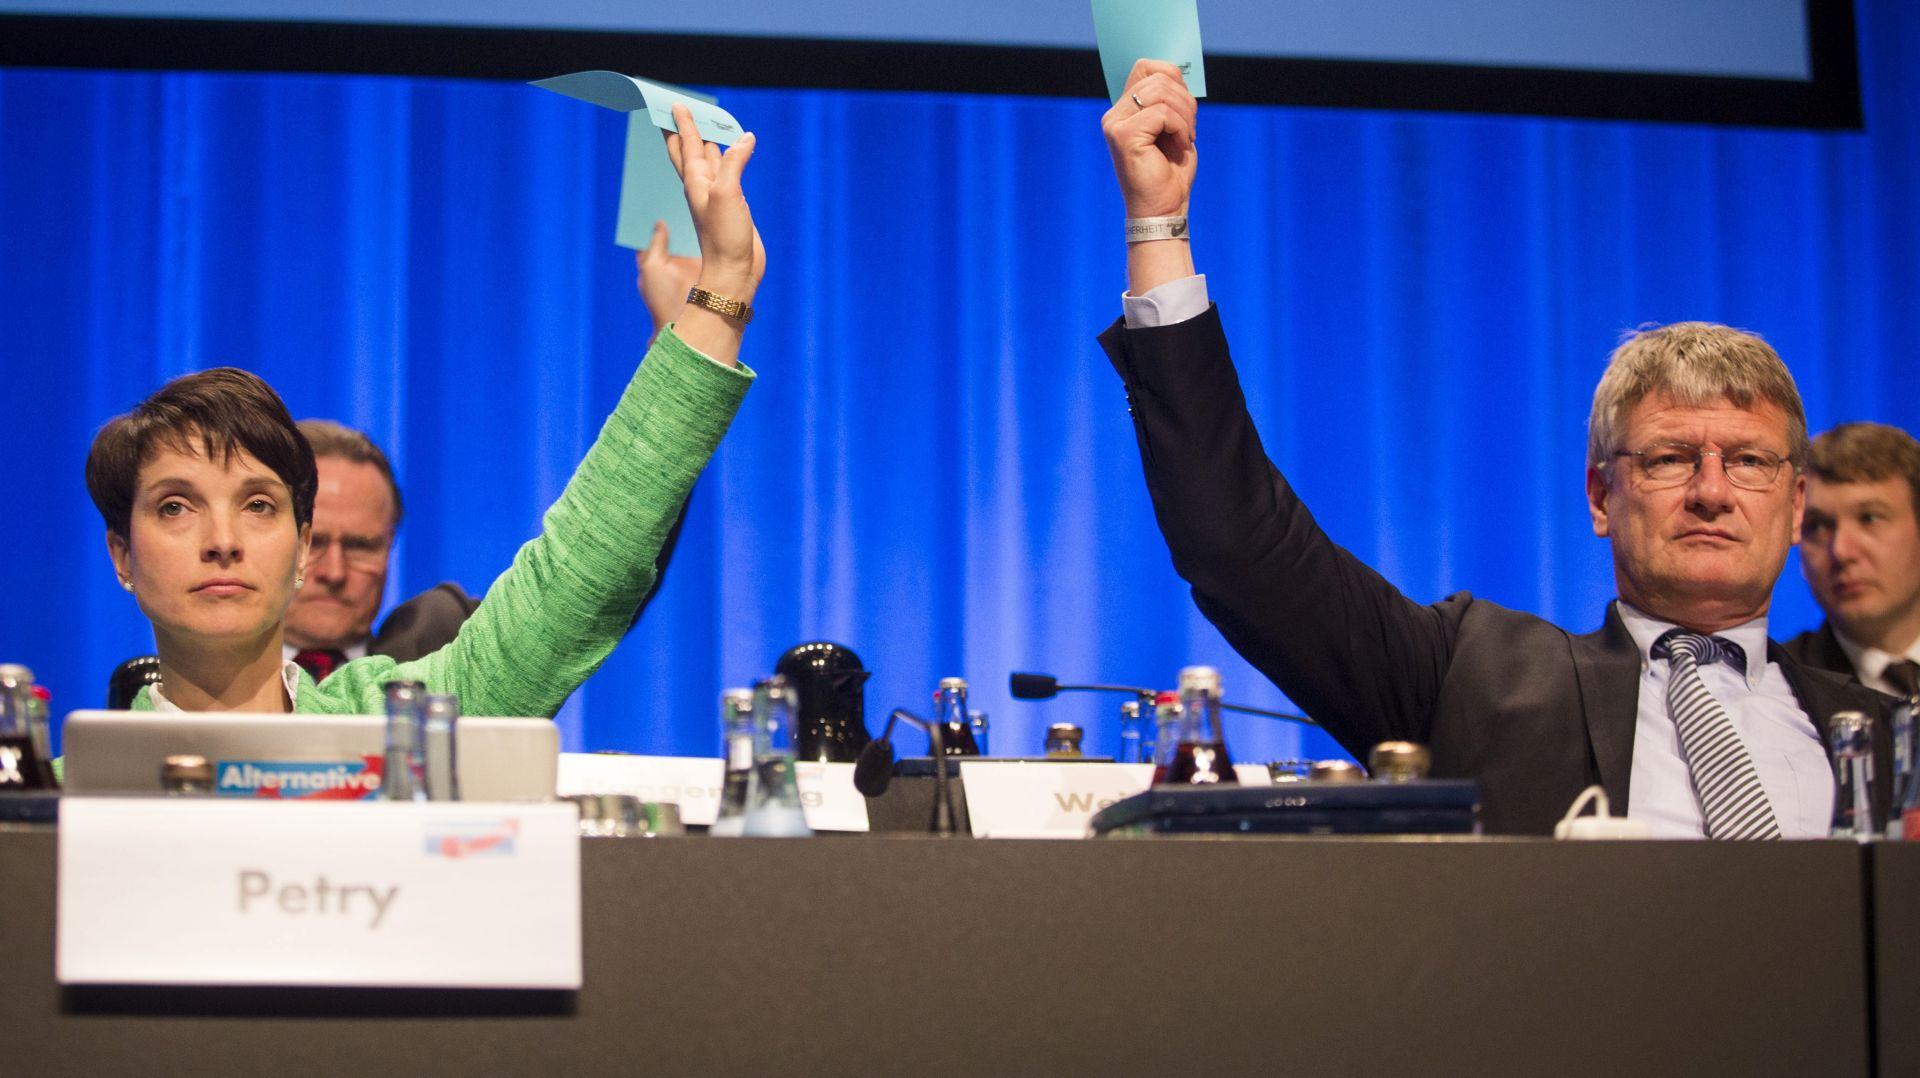 NAPAD NA POLITIKU: Angela Merkel kritizirana na kongresu protumigracijskog AfD-a